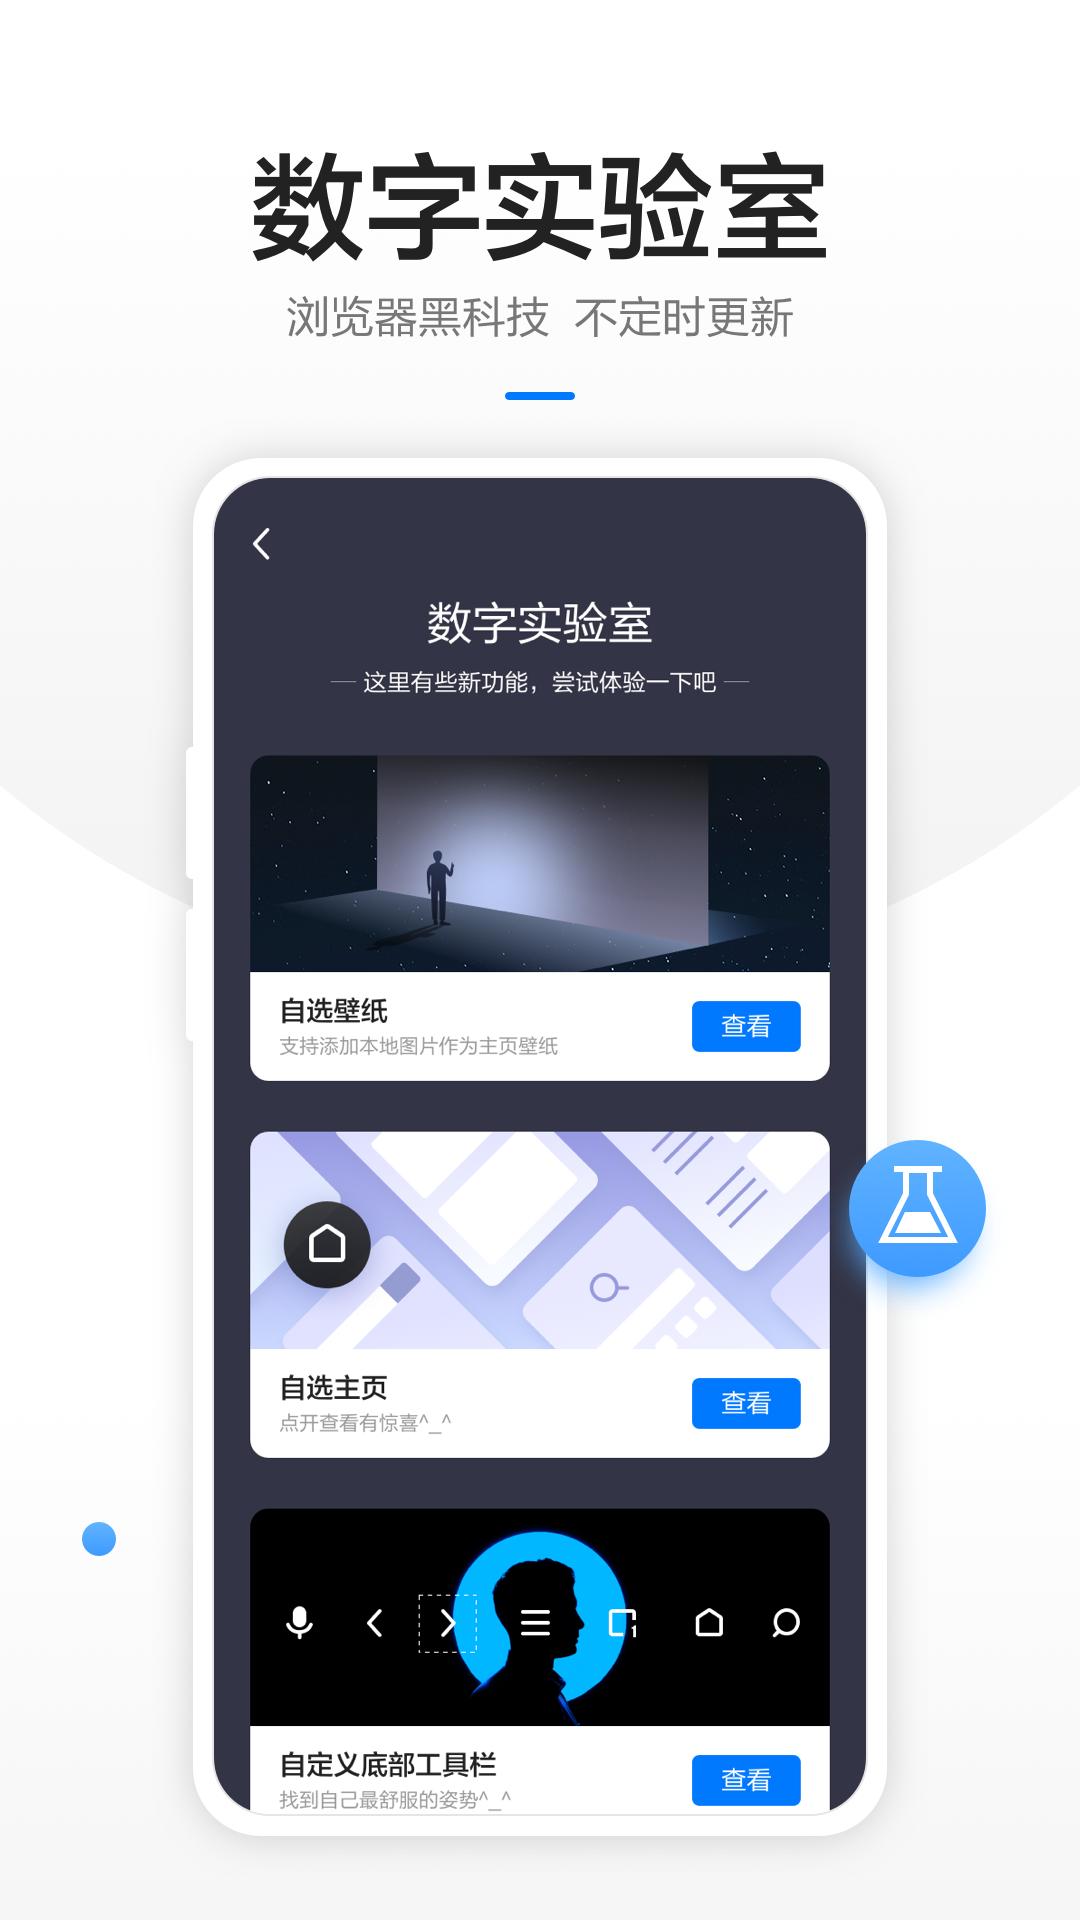 360浏览器官网下载2018正式版下载图片2